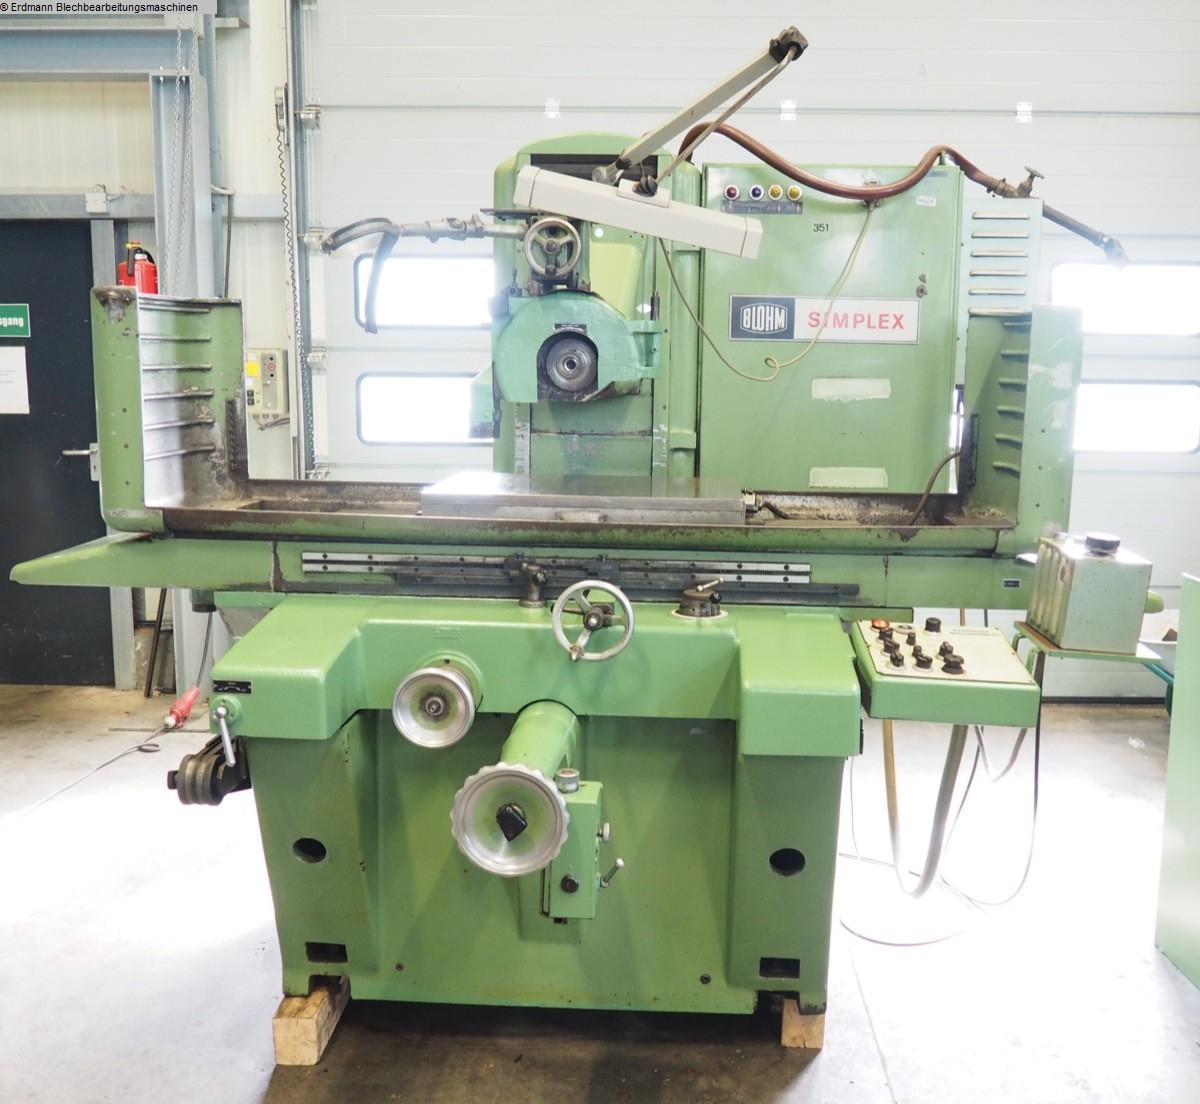 gebrauchte  Flachschleifmaschine BLOHM Simplex 75